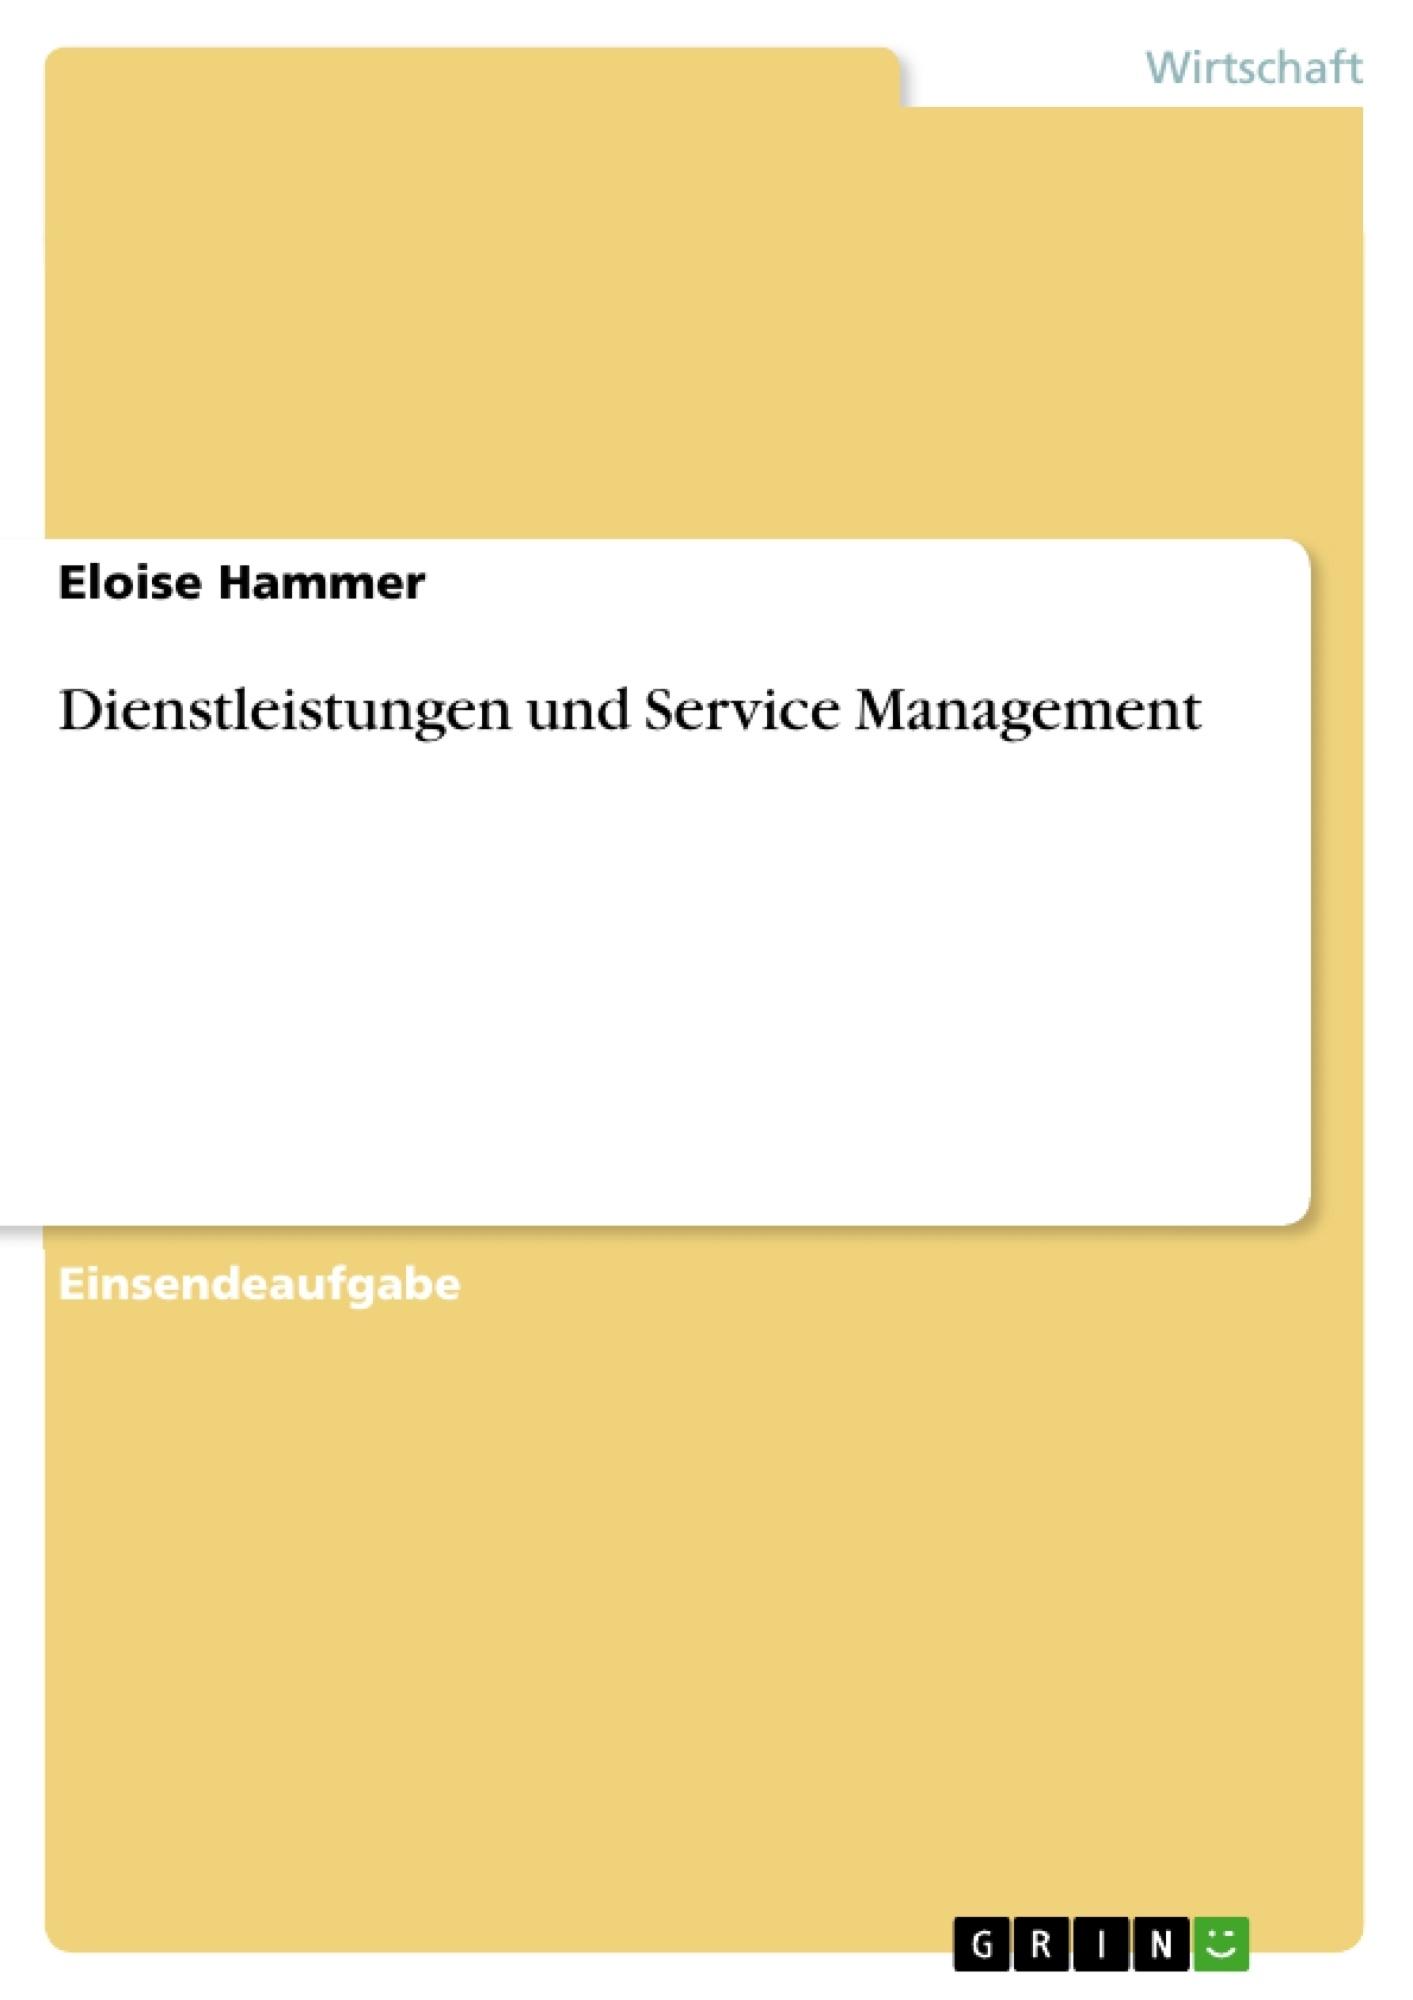 Titel: Dienstleistungen und Service Management